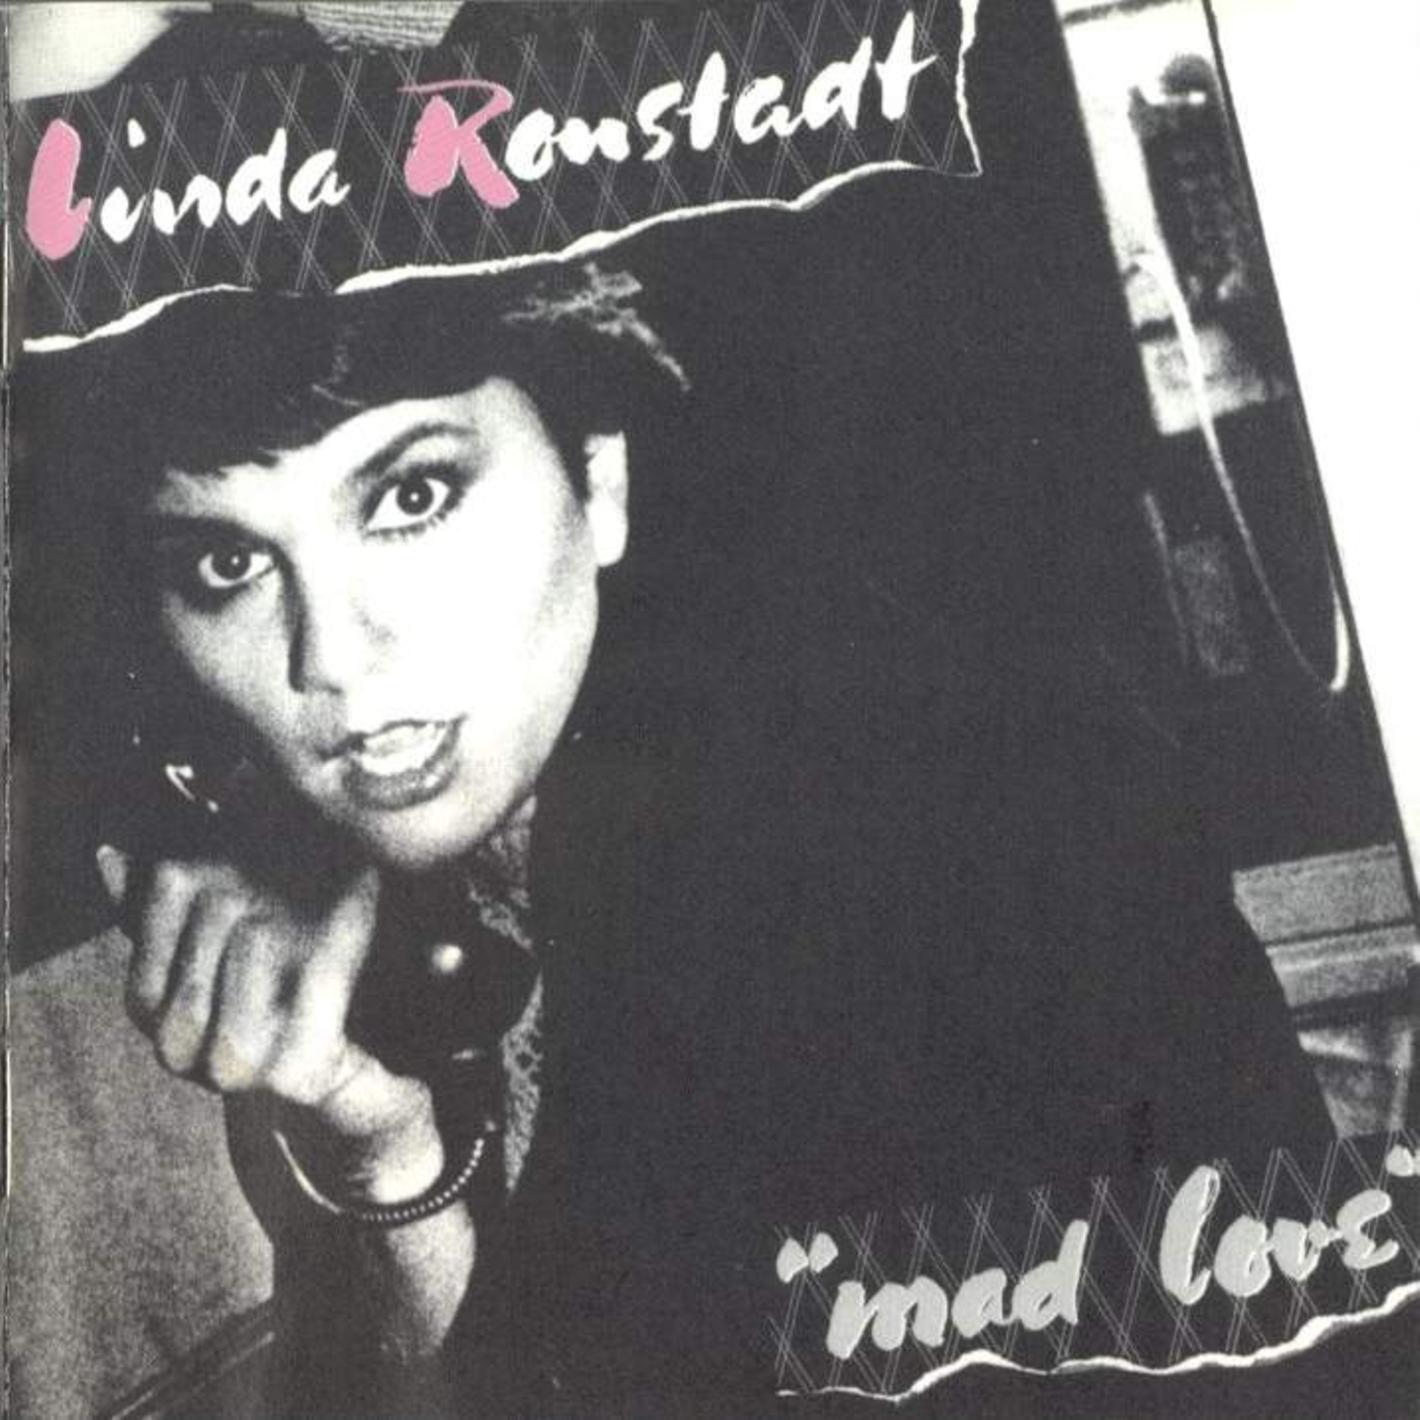 Ronstadt, Linda 1980